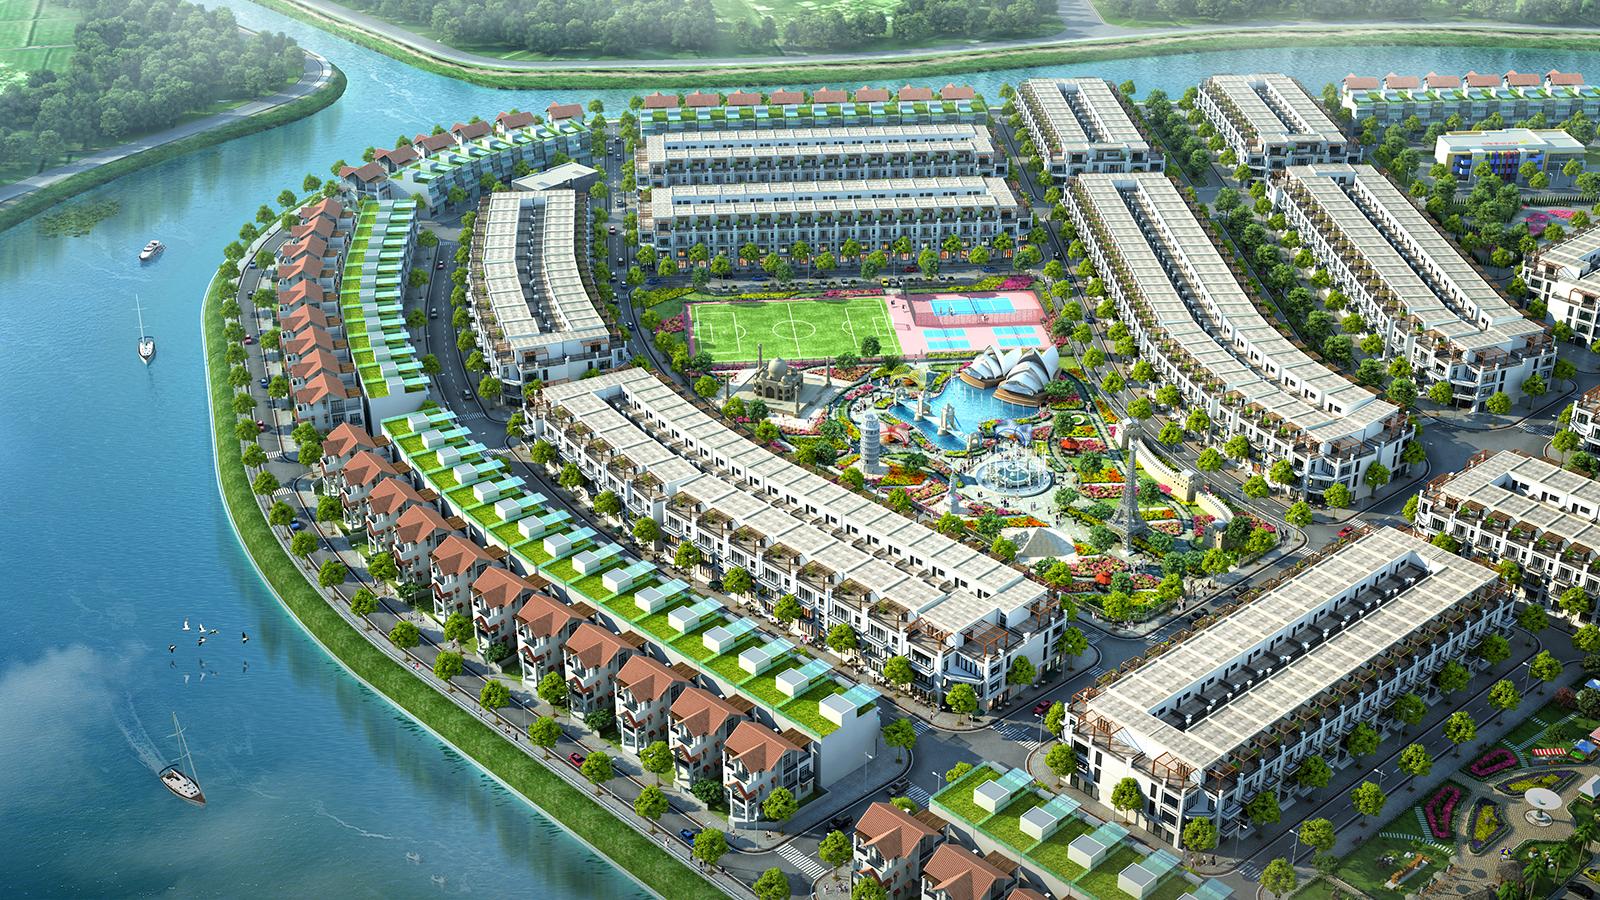 Riêng tiểu khu An Lộc được quy hoạch tiếp giáp với mặt sông, tích hợp công viên thế kỷ mang lại không gian xanh